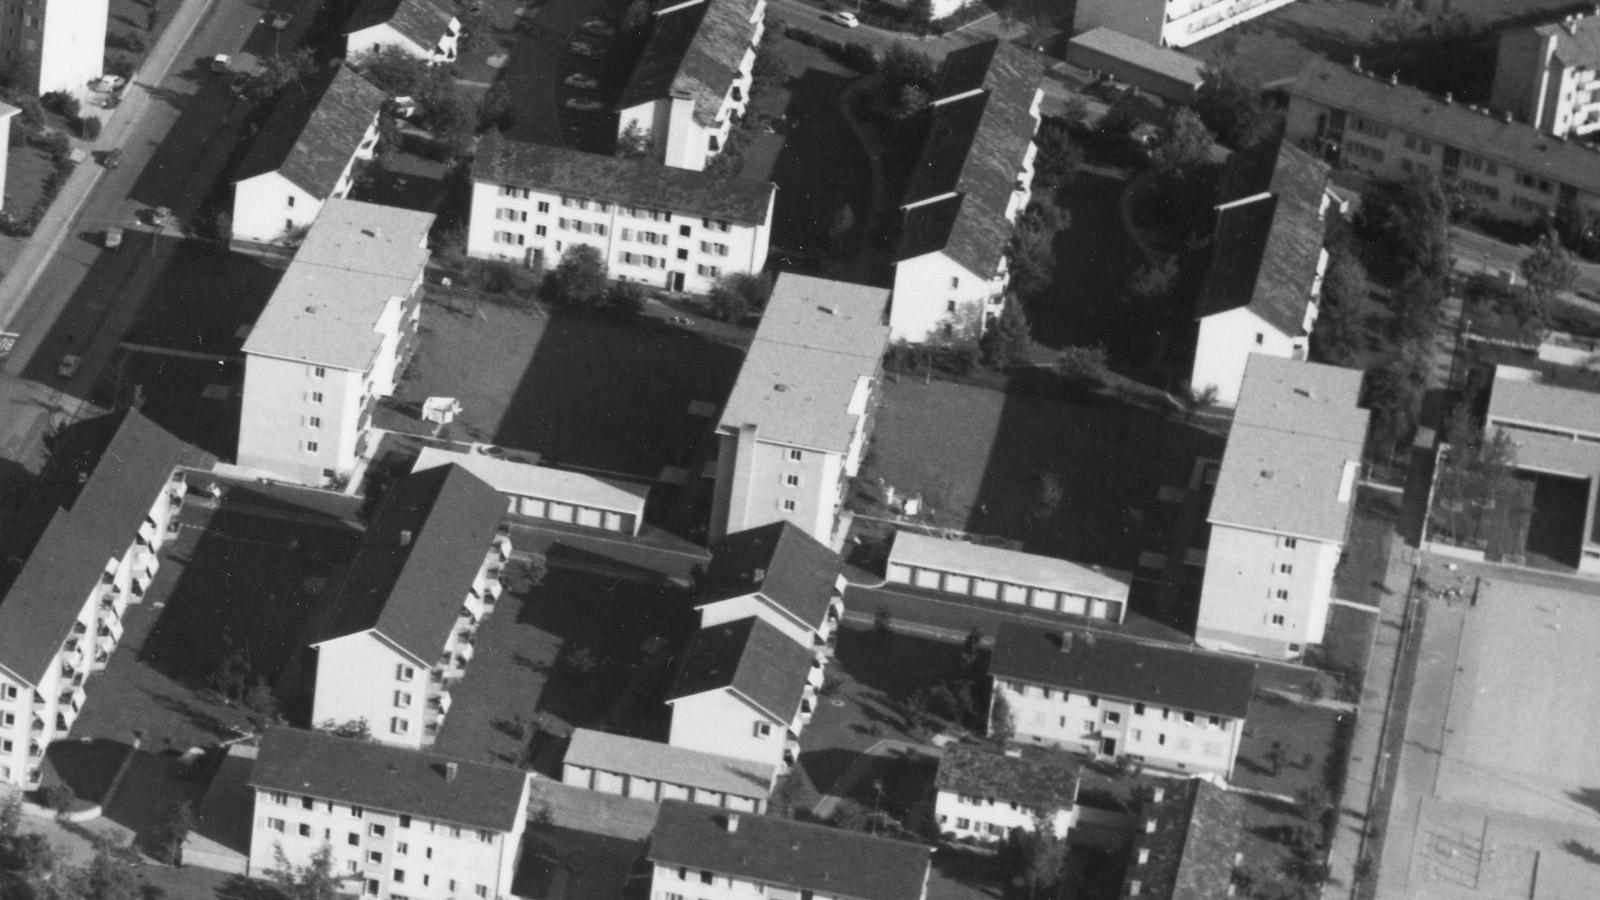 Wohnsiedlung im Jahre 1962. Blick nach Süden. Die Luchswiesenstrasse ist in der oberen linken Ecke sichtbar.